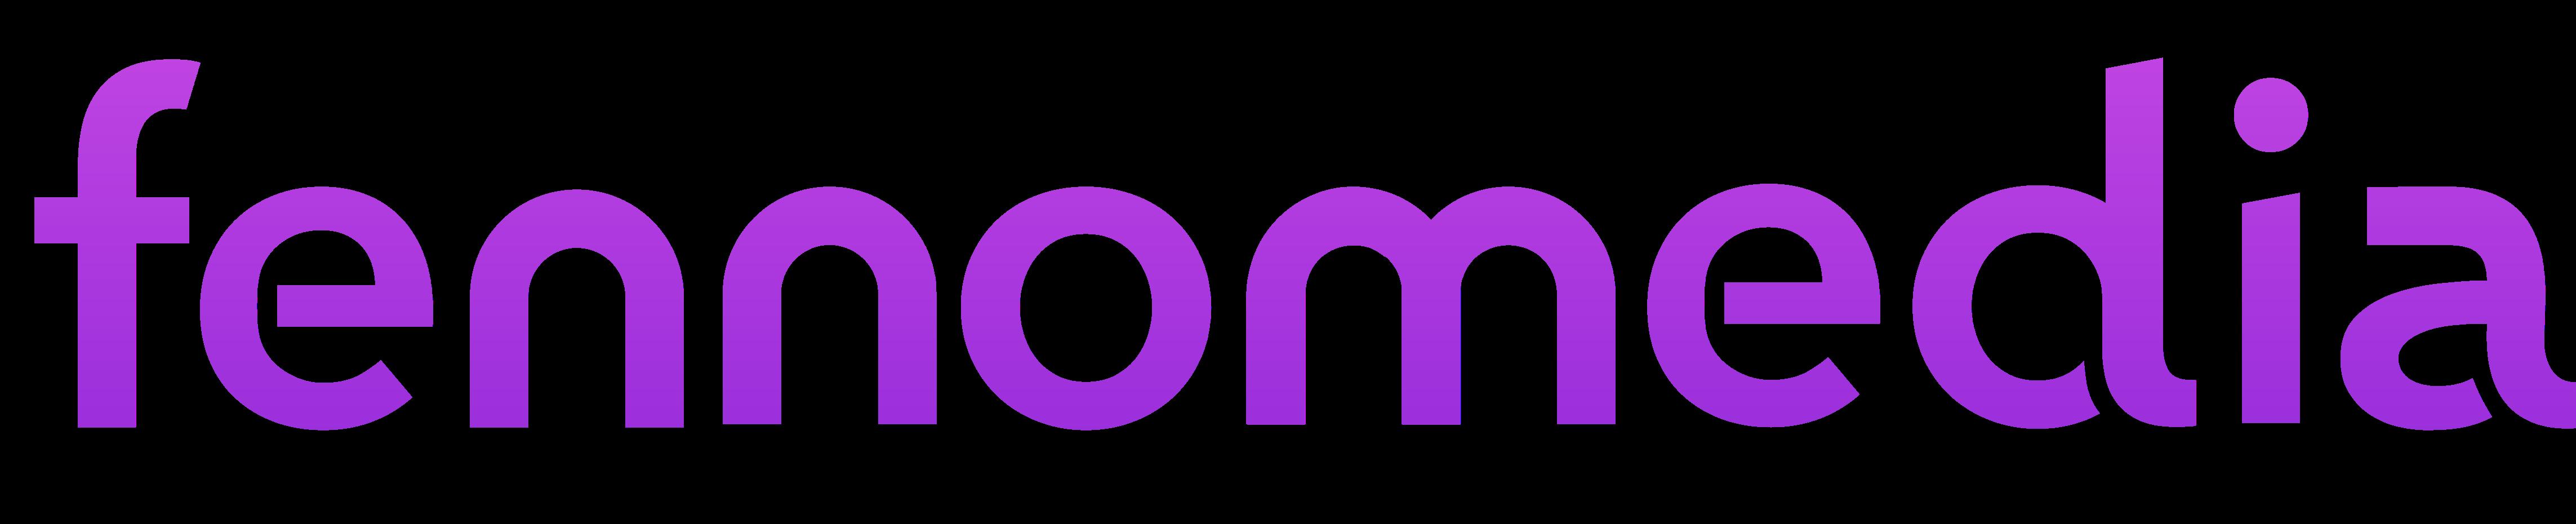 FennoMedia